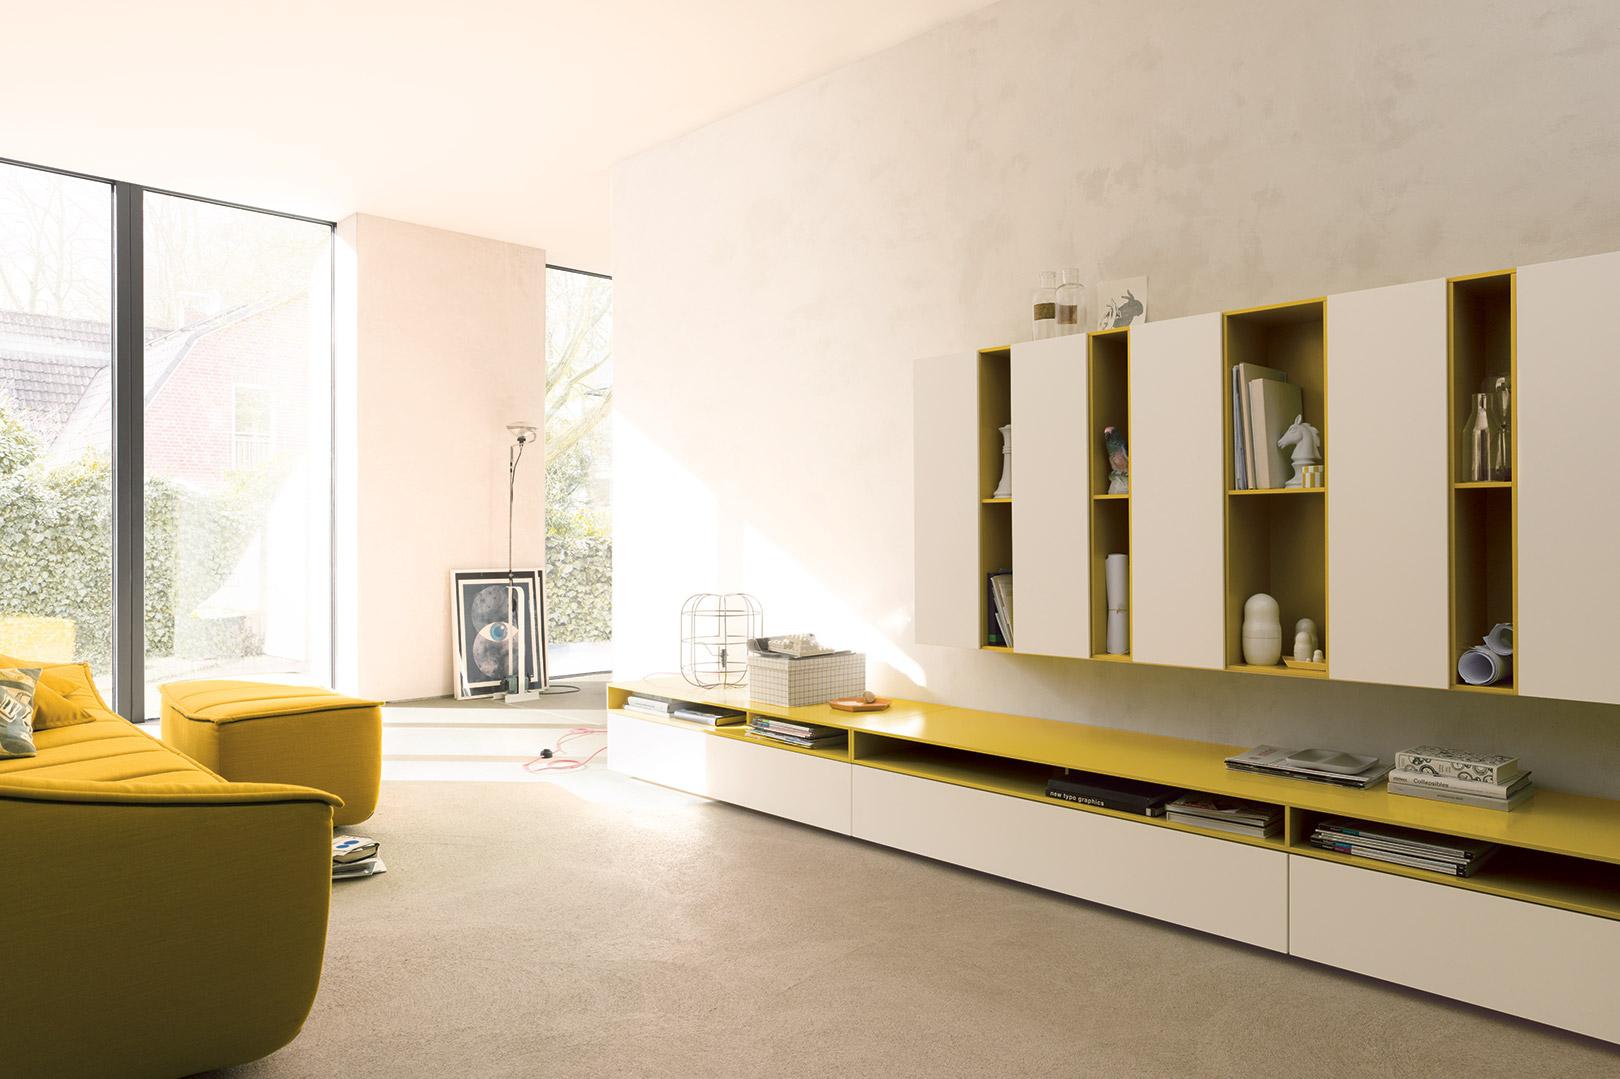 interl bke cube kastsysteem jan luppes interieurs melles interieur. Black Bedroom Furniture Sets. Home Design Ideas